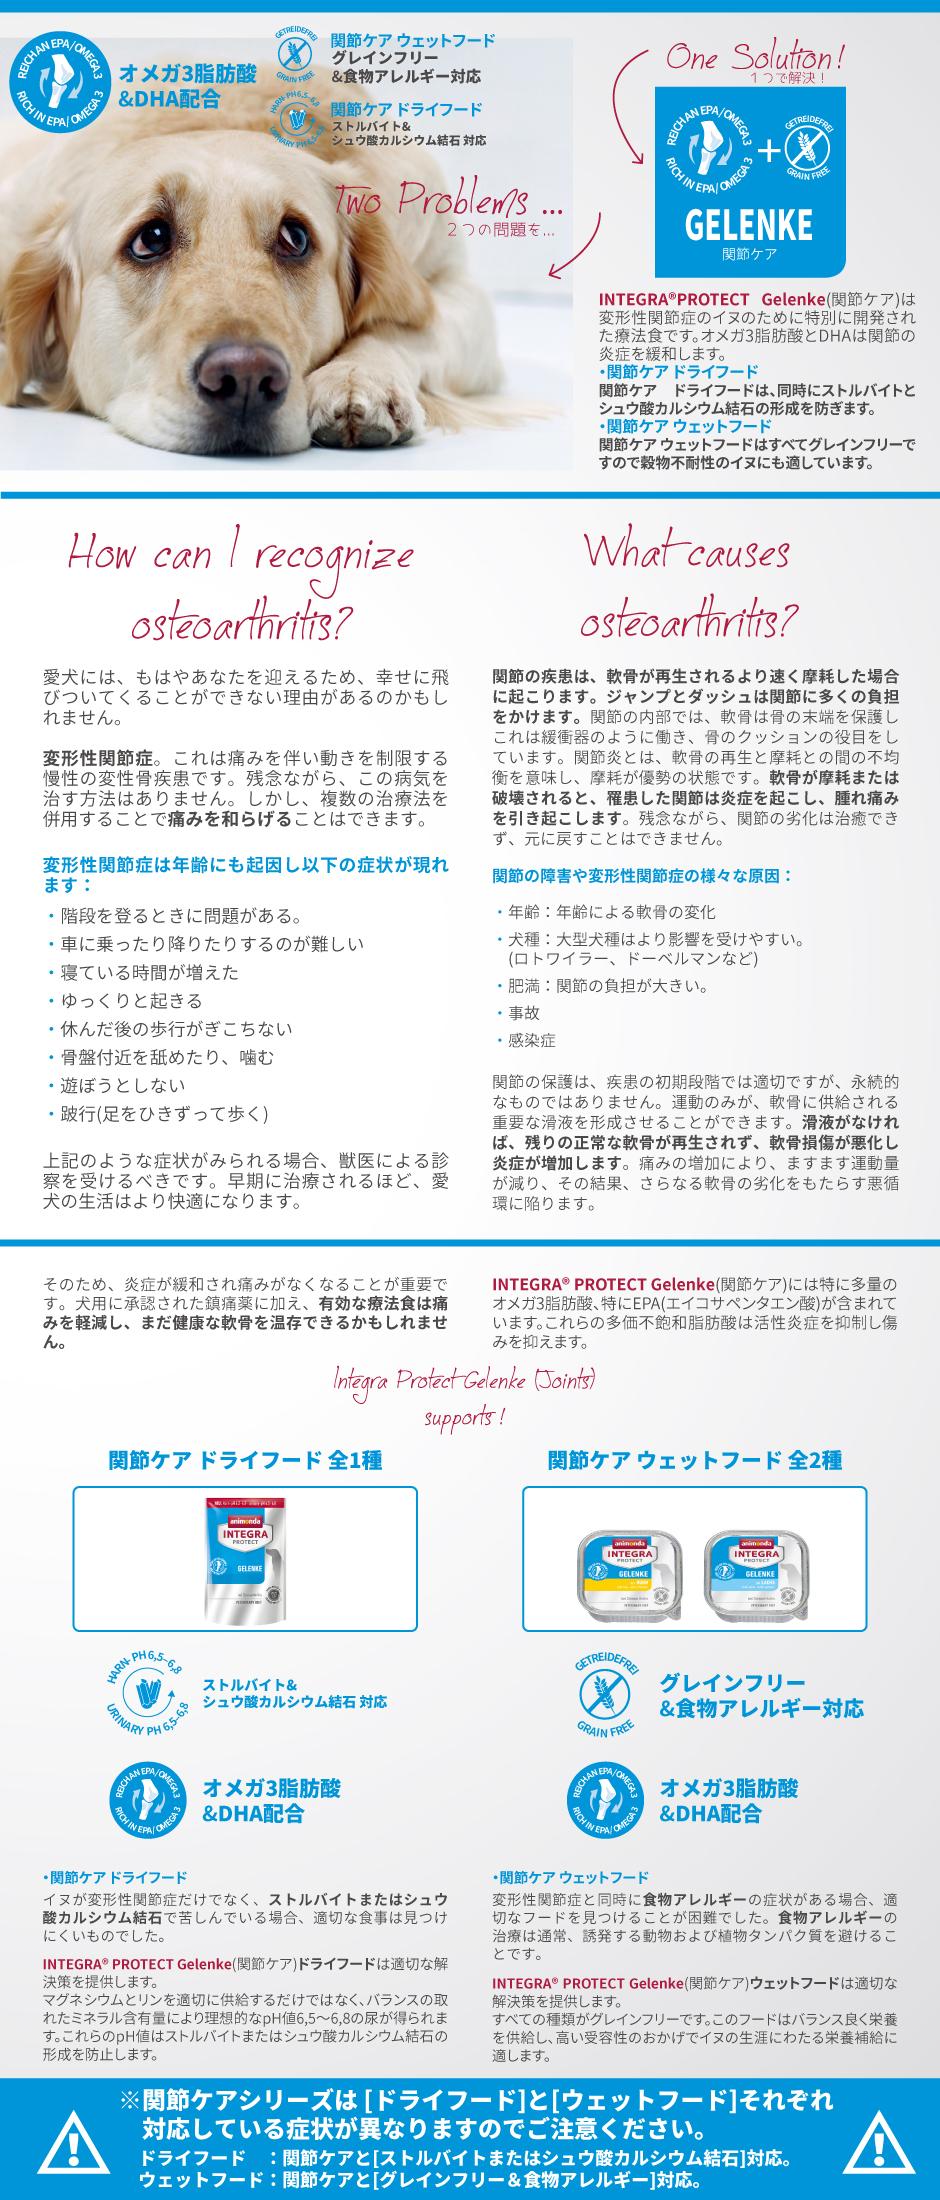 アニモンダ/インテグラ  胃腸ケア(ntestinal)サーモン [150g] dog visions